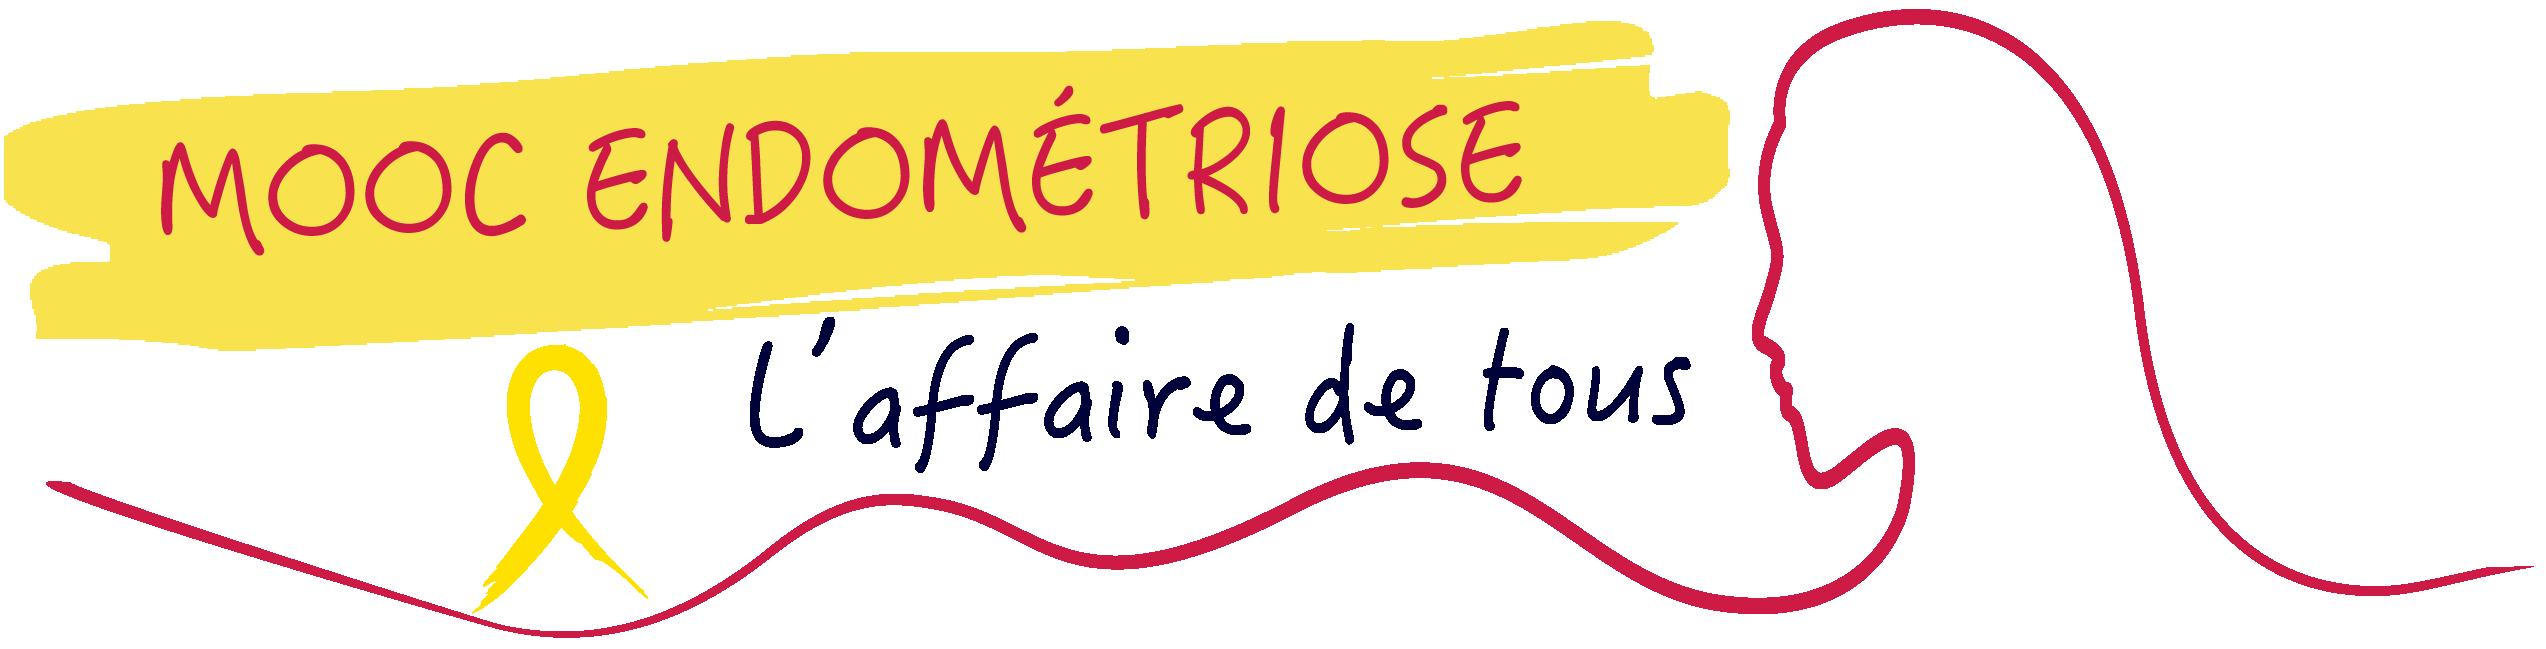 Logo Endométriose : Mooc